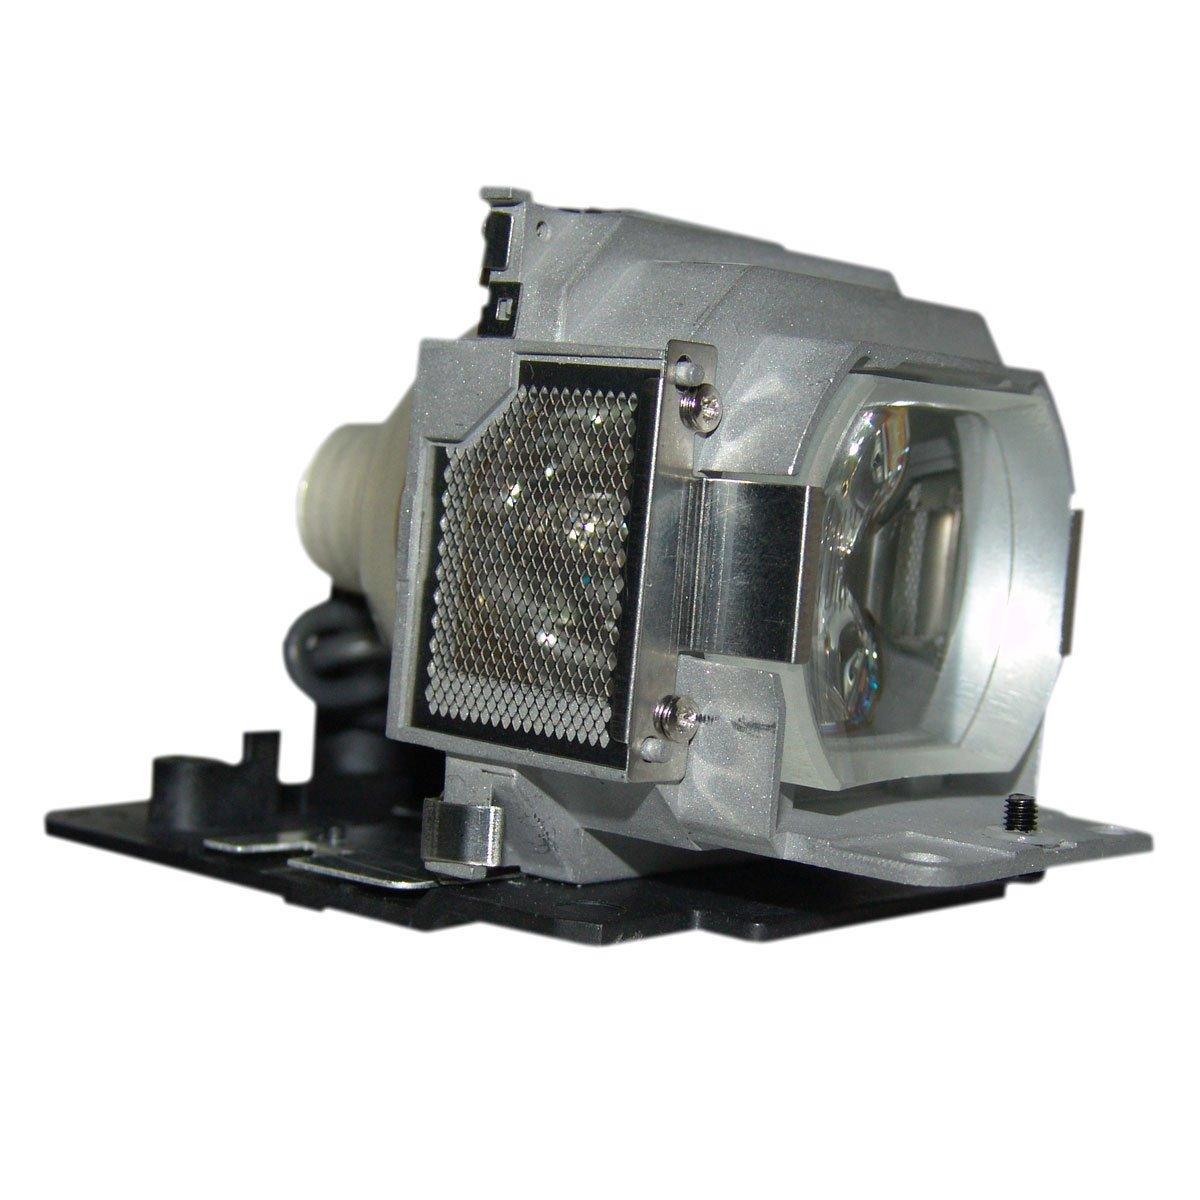 Supermait LMP-E190 プロジェクター交換用ランプ 汎用 150日間安心保証つき VPL-ES5 / VPL-EX5 / VPL-EX50 / VPL-EW5 対応 B0786CTBPB